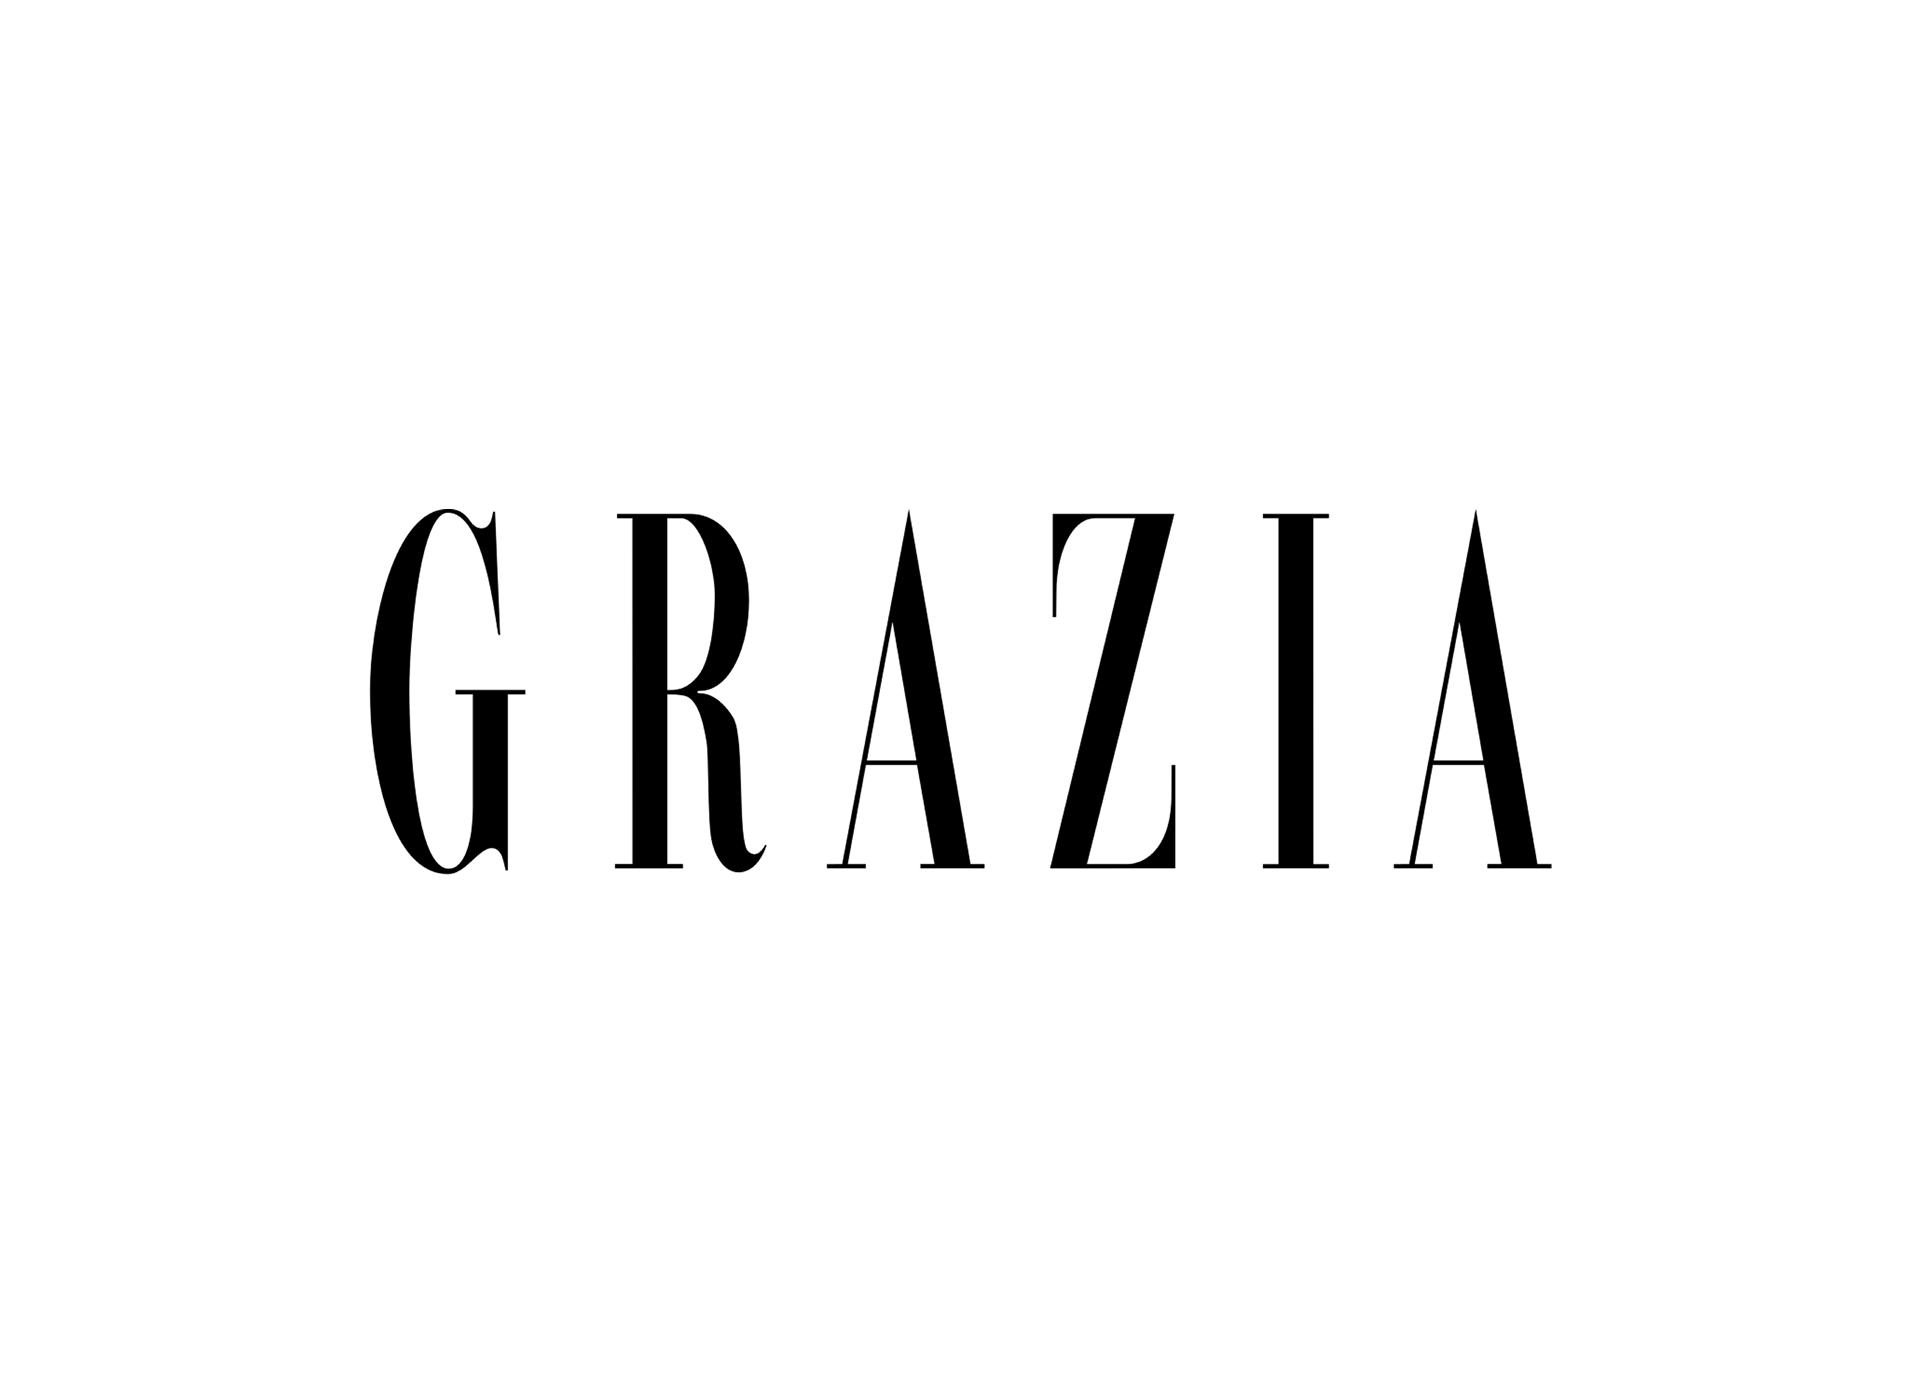 Grazia2.png